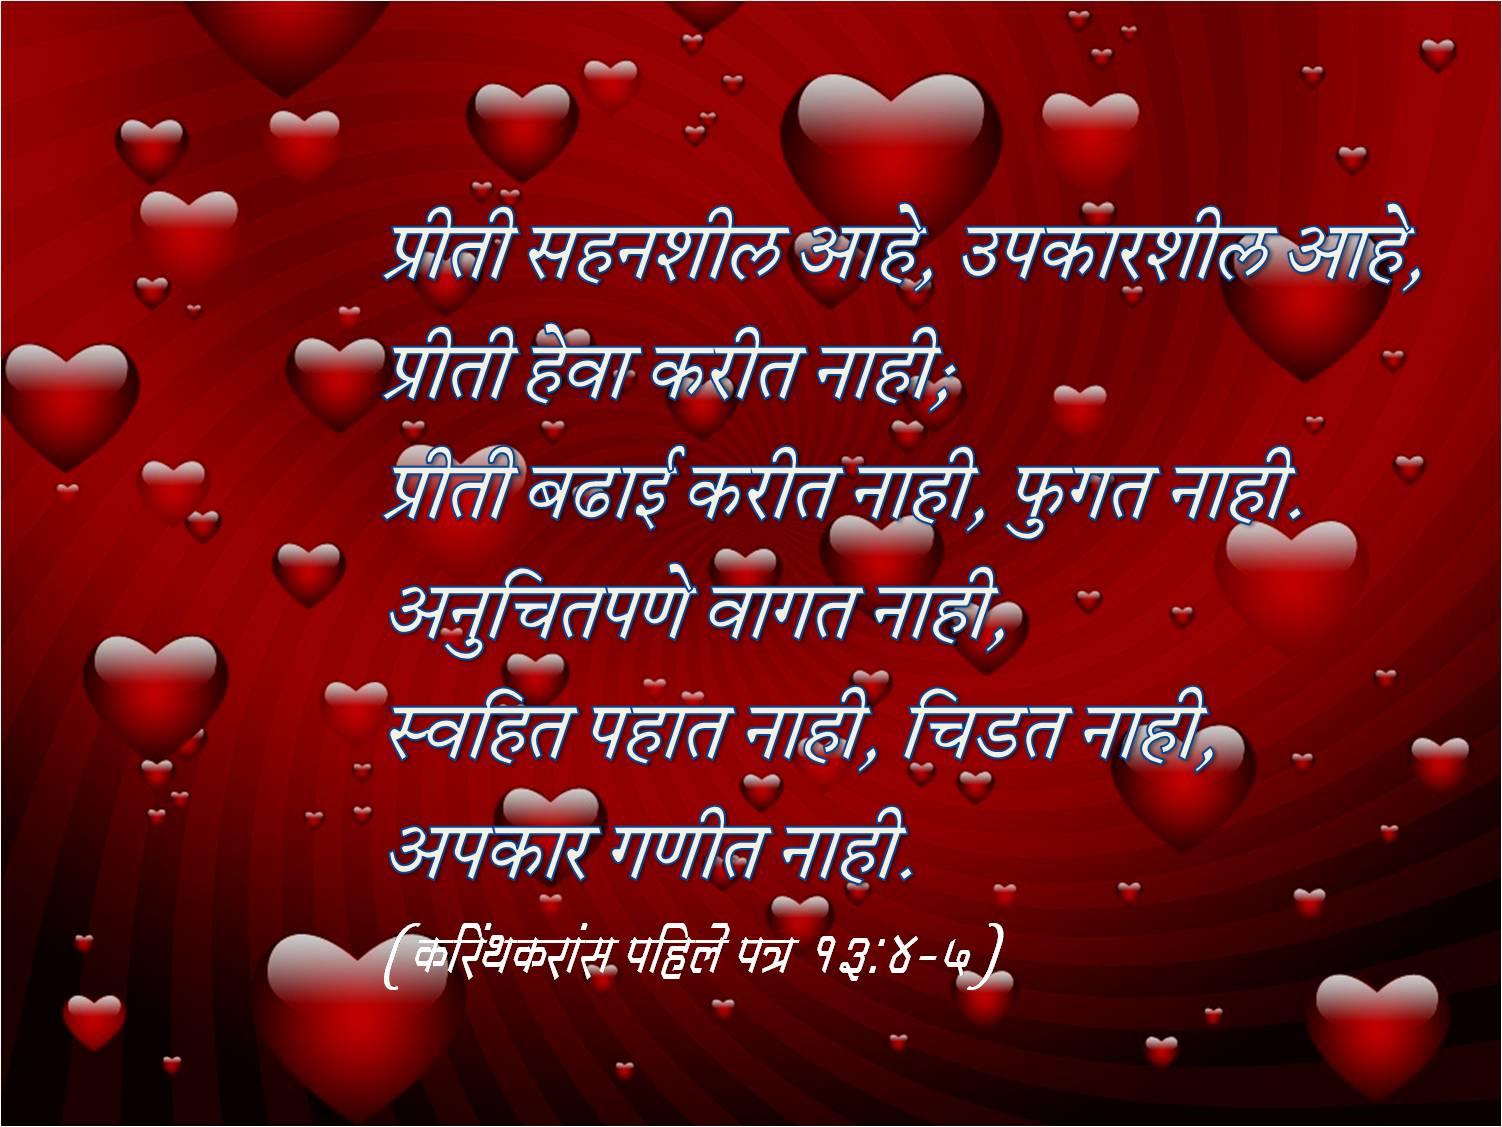 Love Letter Wallpaper Design Valentine heart wallpaper 1502x1127